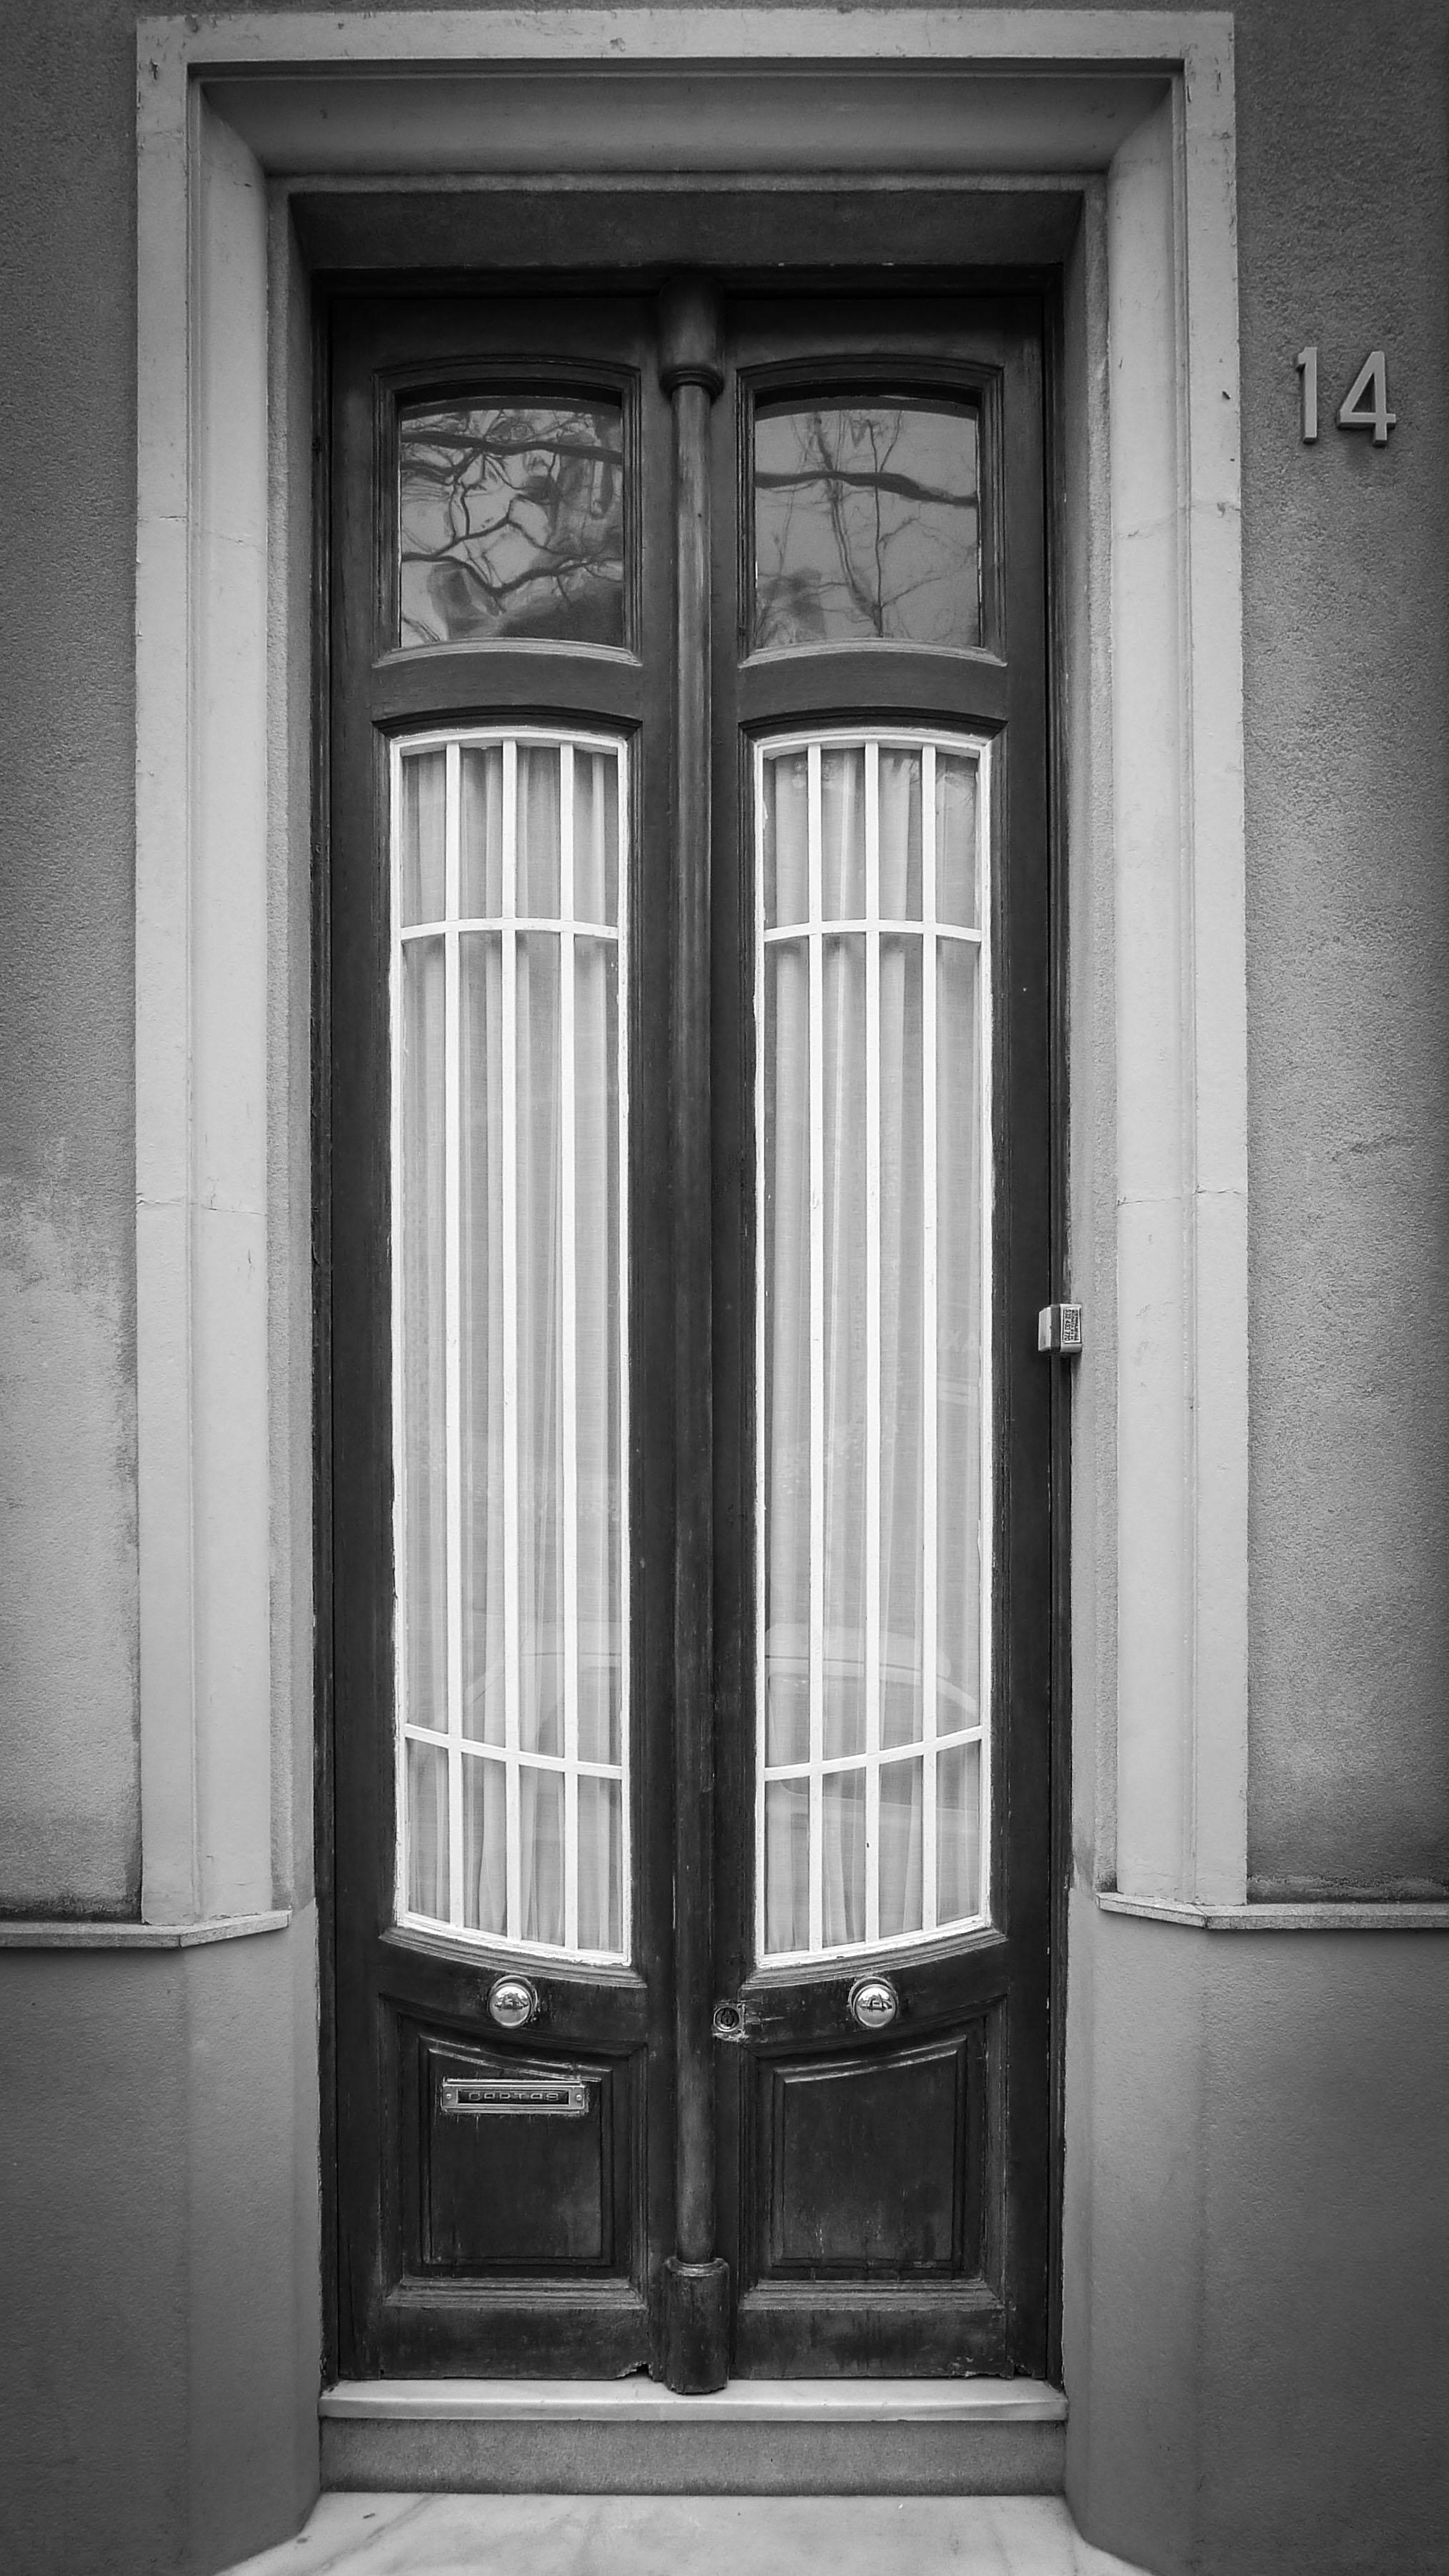 barcelona_door_bw2.jpg